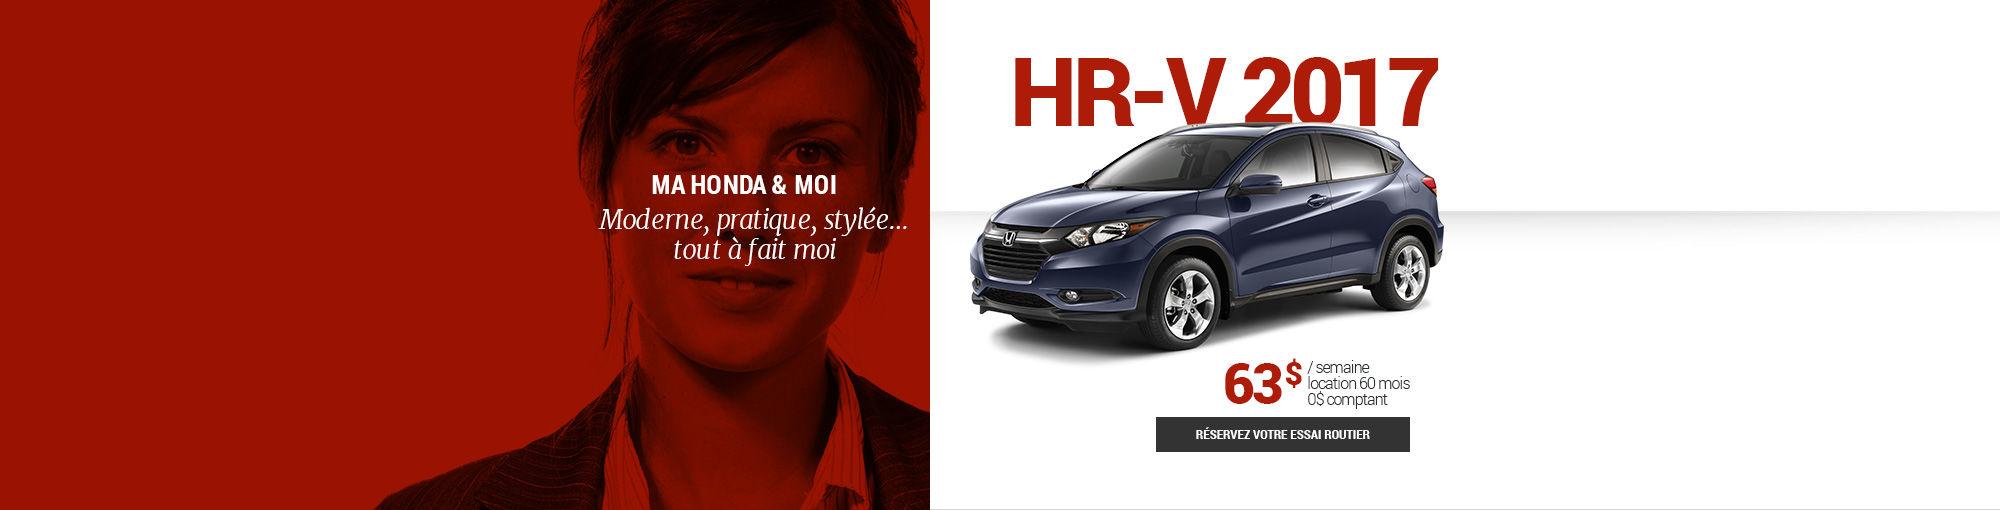 HR-V 2017 - février 2017